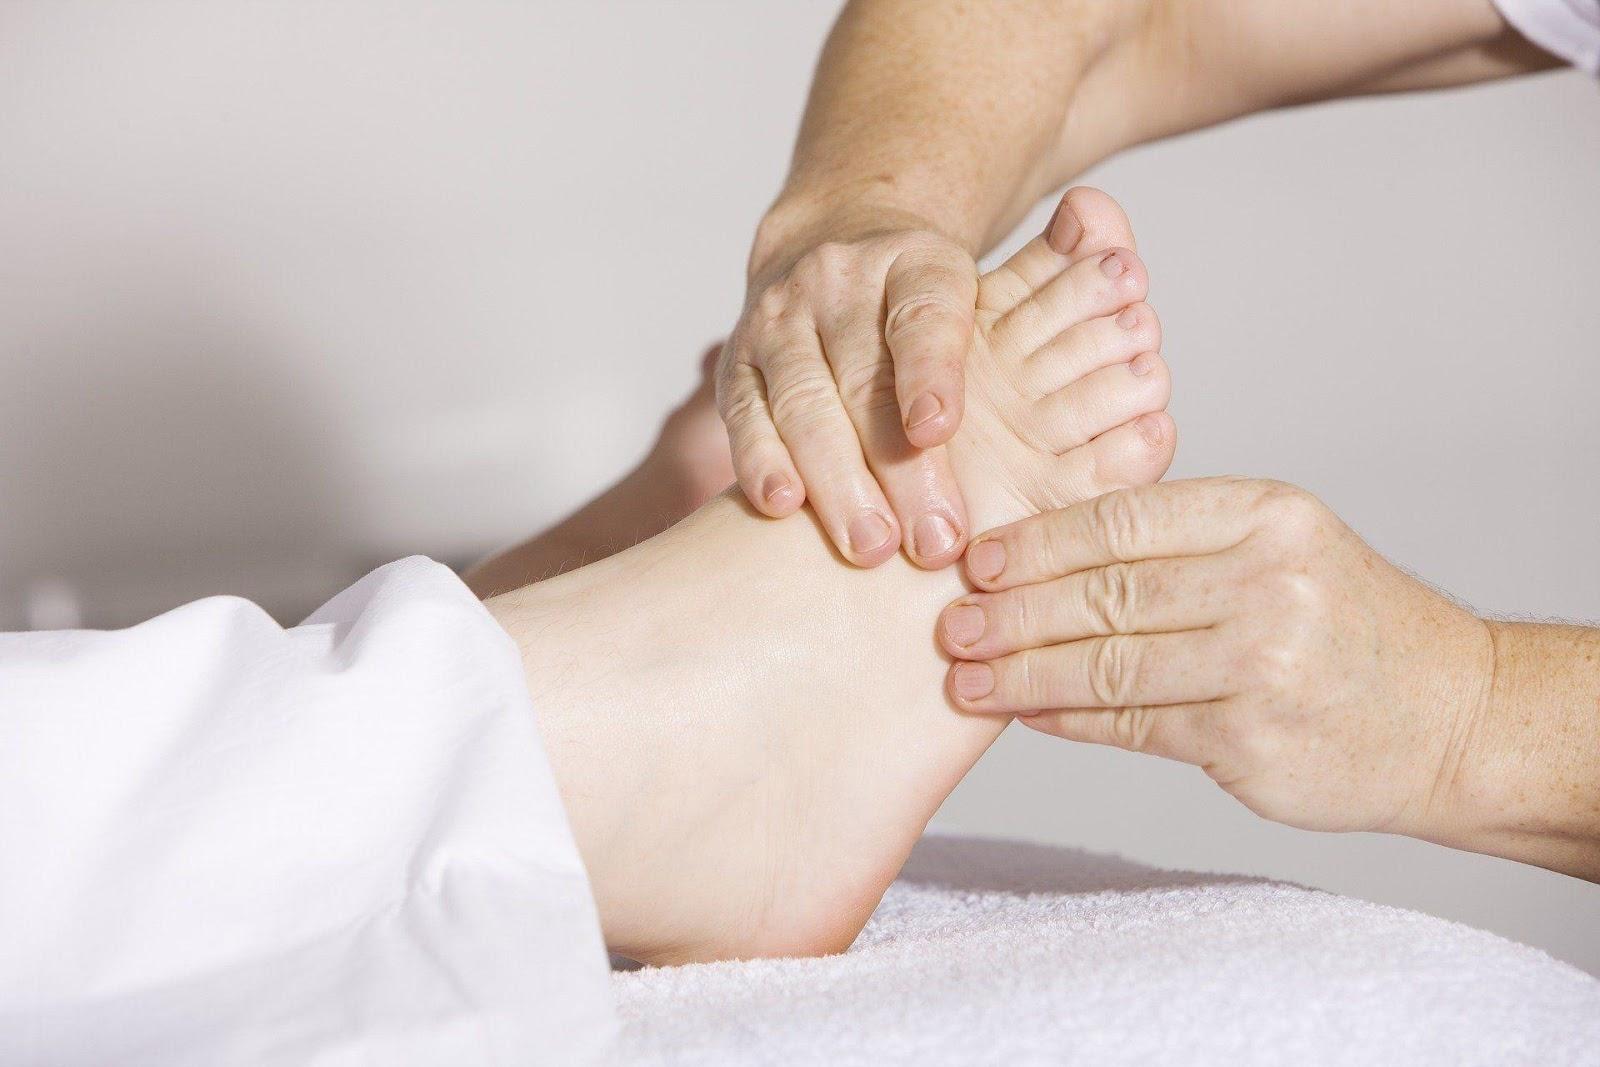 Отек на ногах может предупредить о сердечном приступе